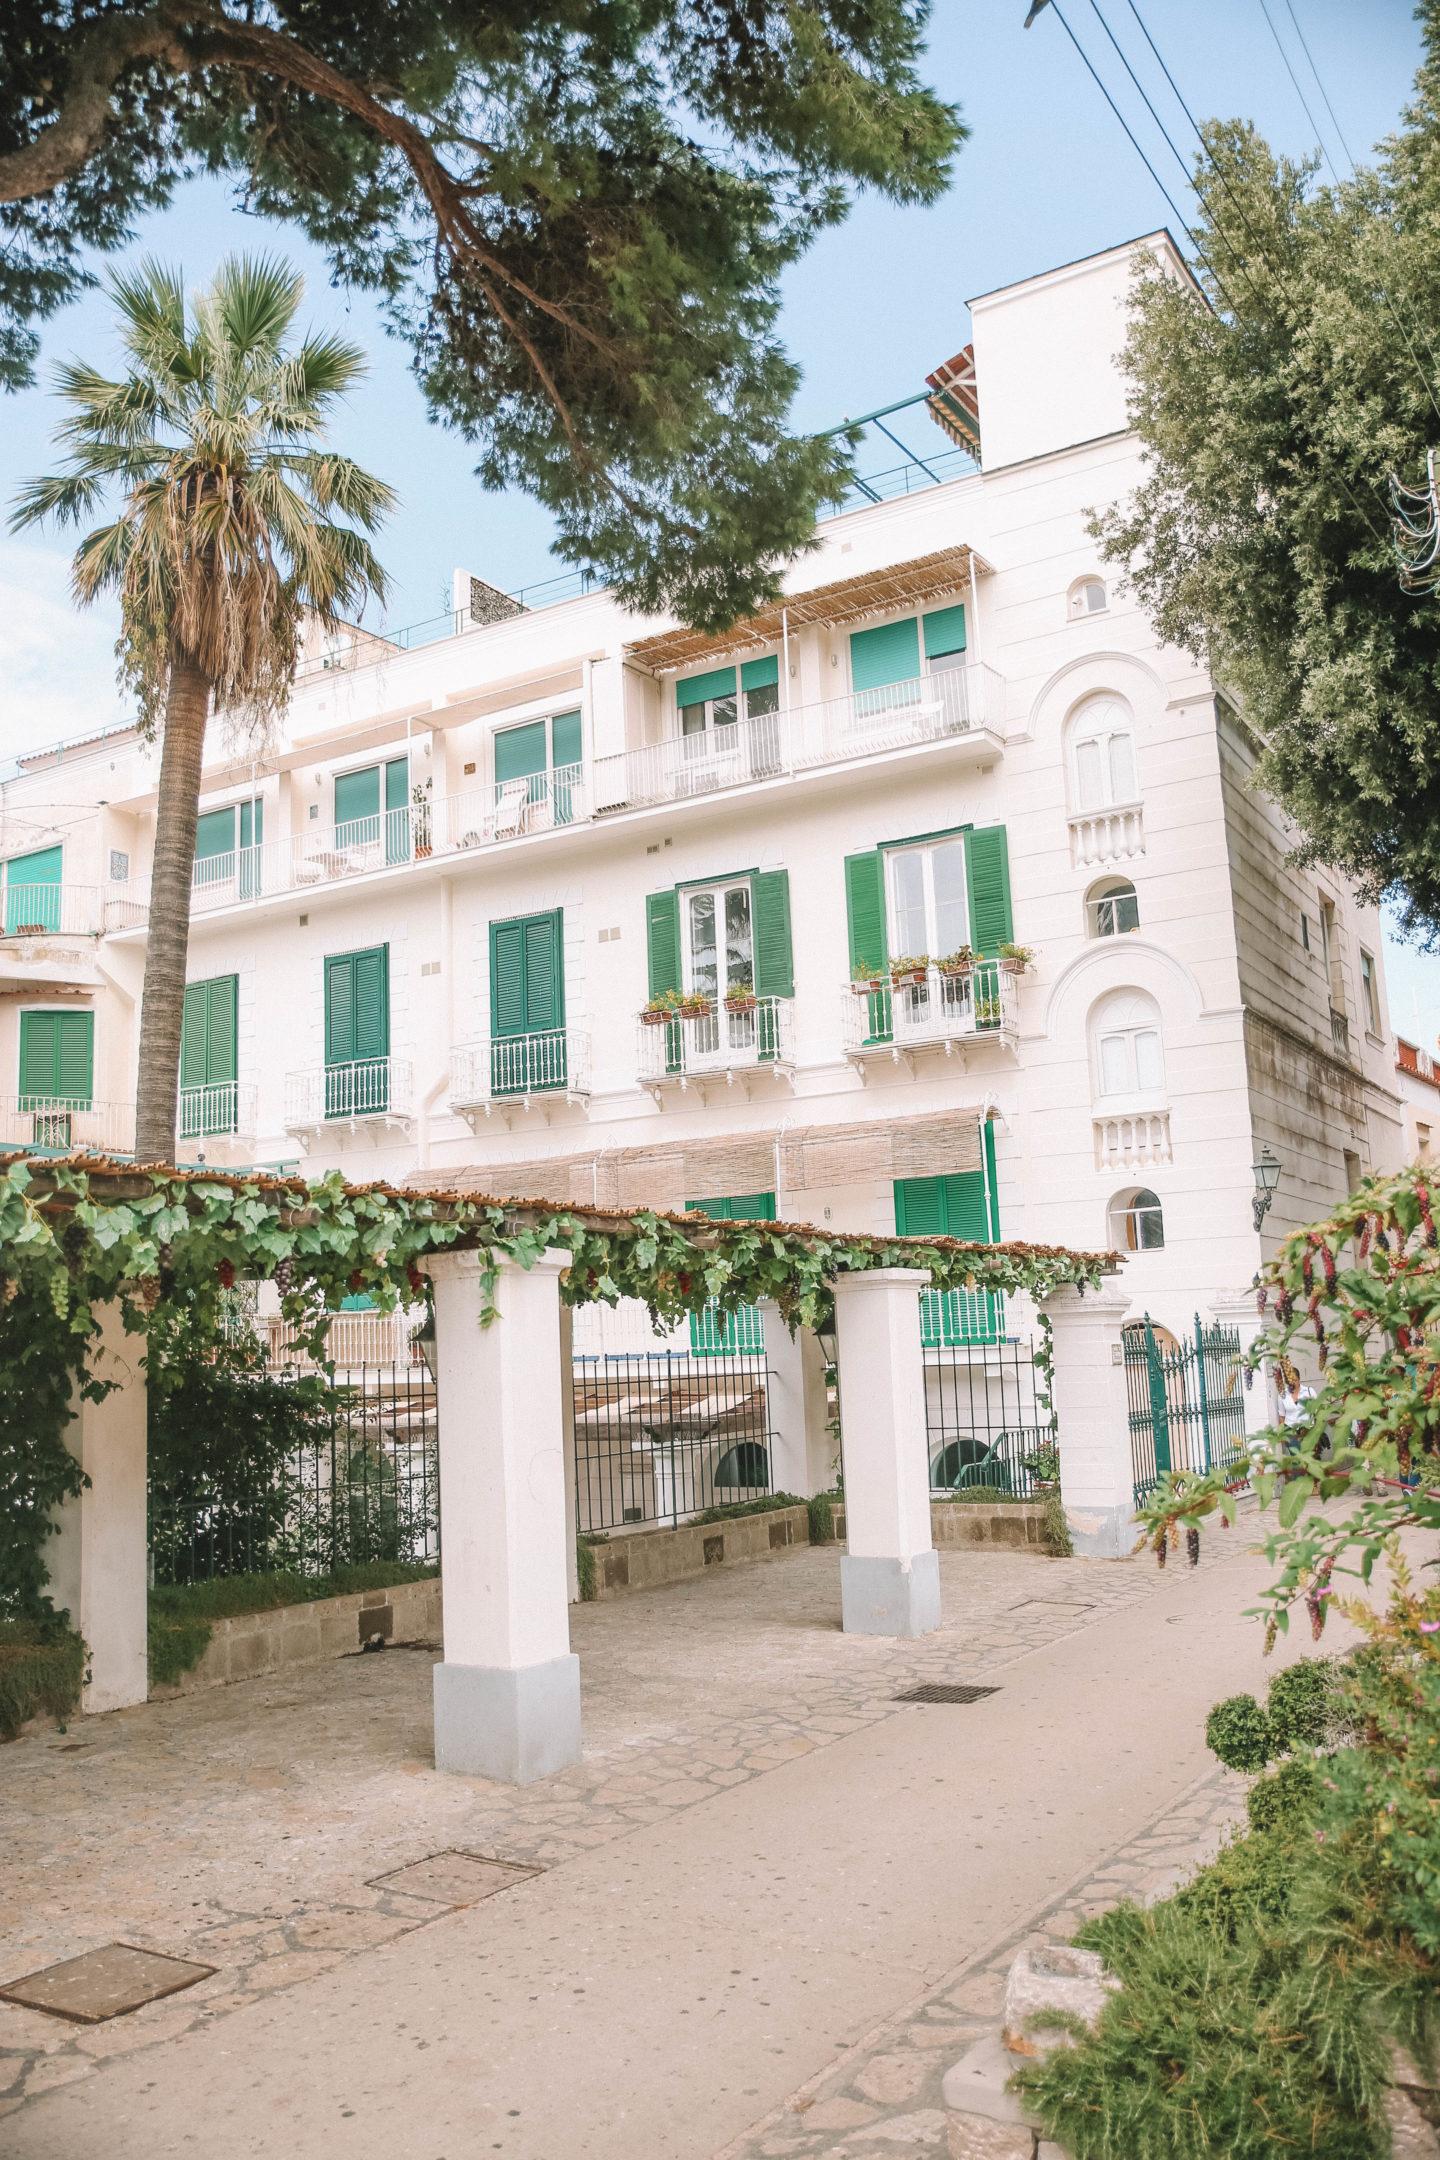 Visiter Anacapri Italie - Blondie baby blog mode et voyages